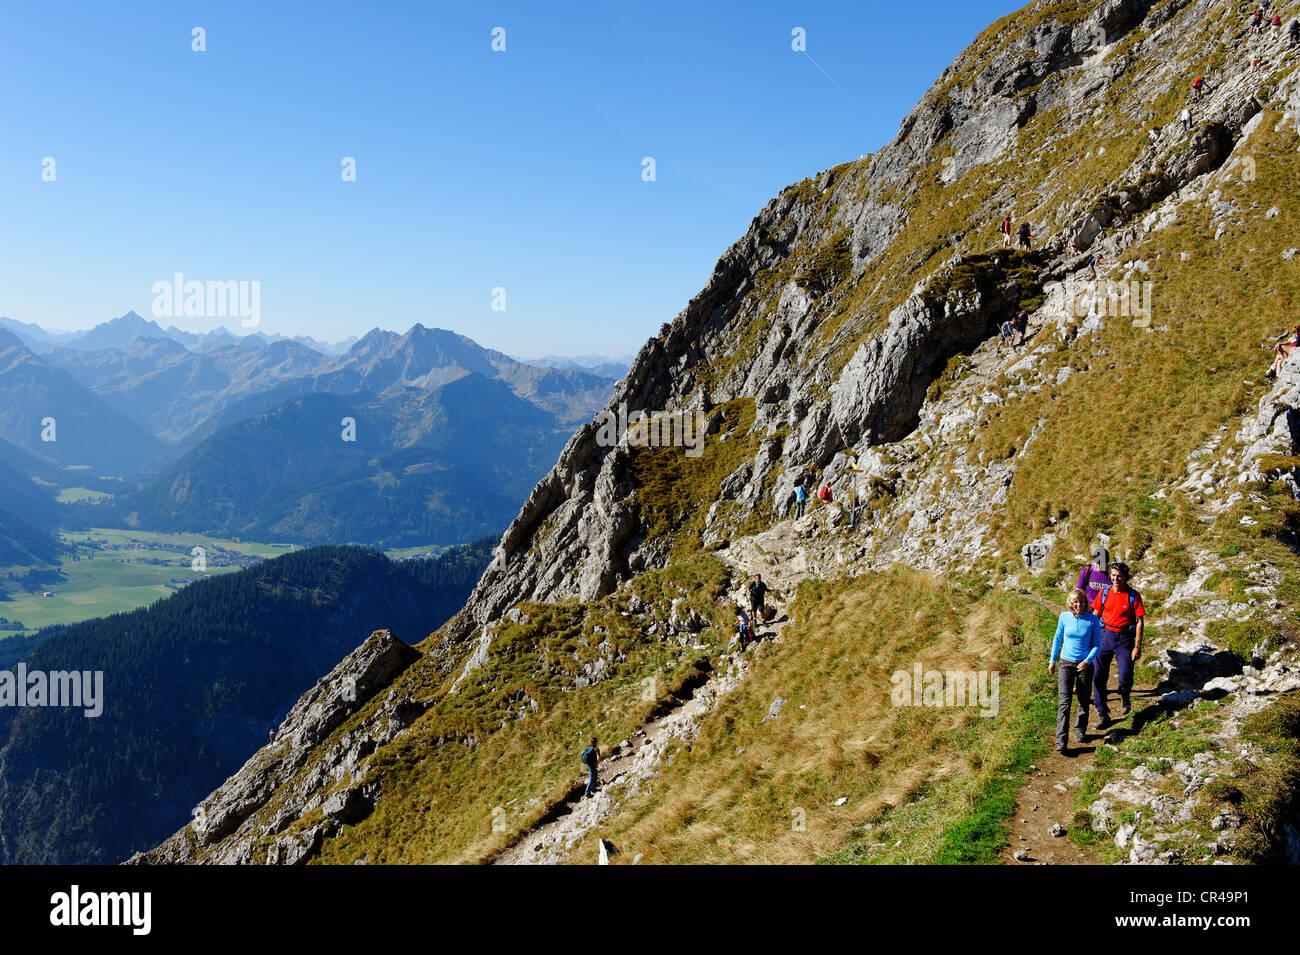 Wanderer auf dem Weg zu den Aggesntein Gipfel vor dem Thannheimer Tal Tal, Bayerisch-Schwaben, Bayern, Deutschland, Stockbild